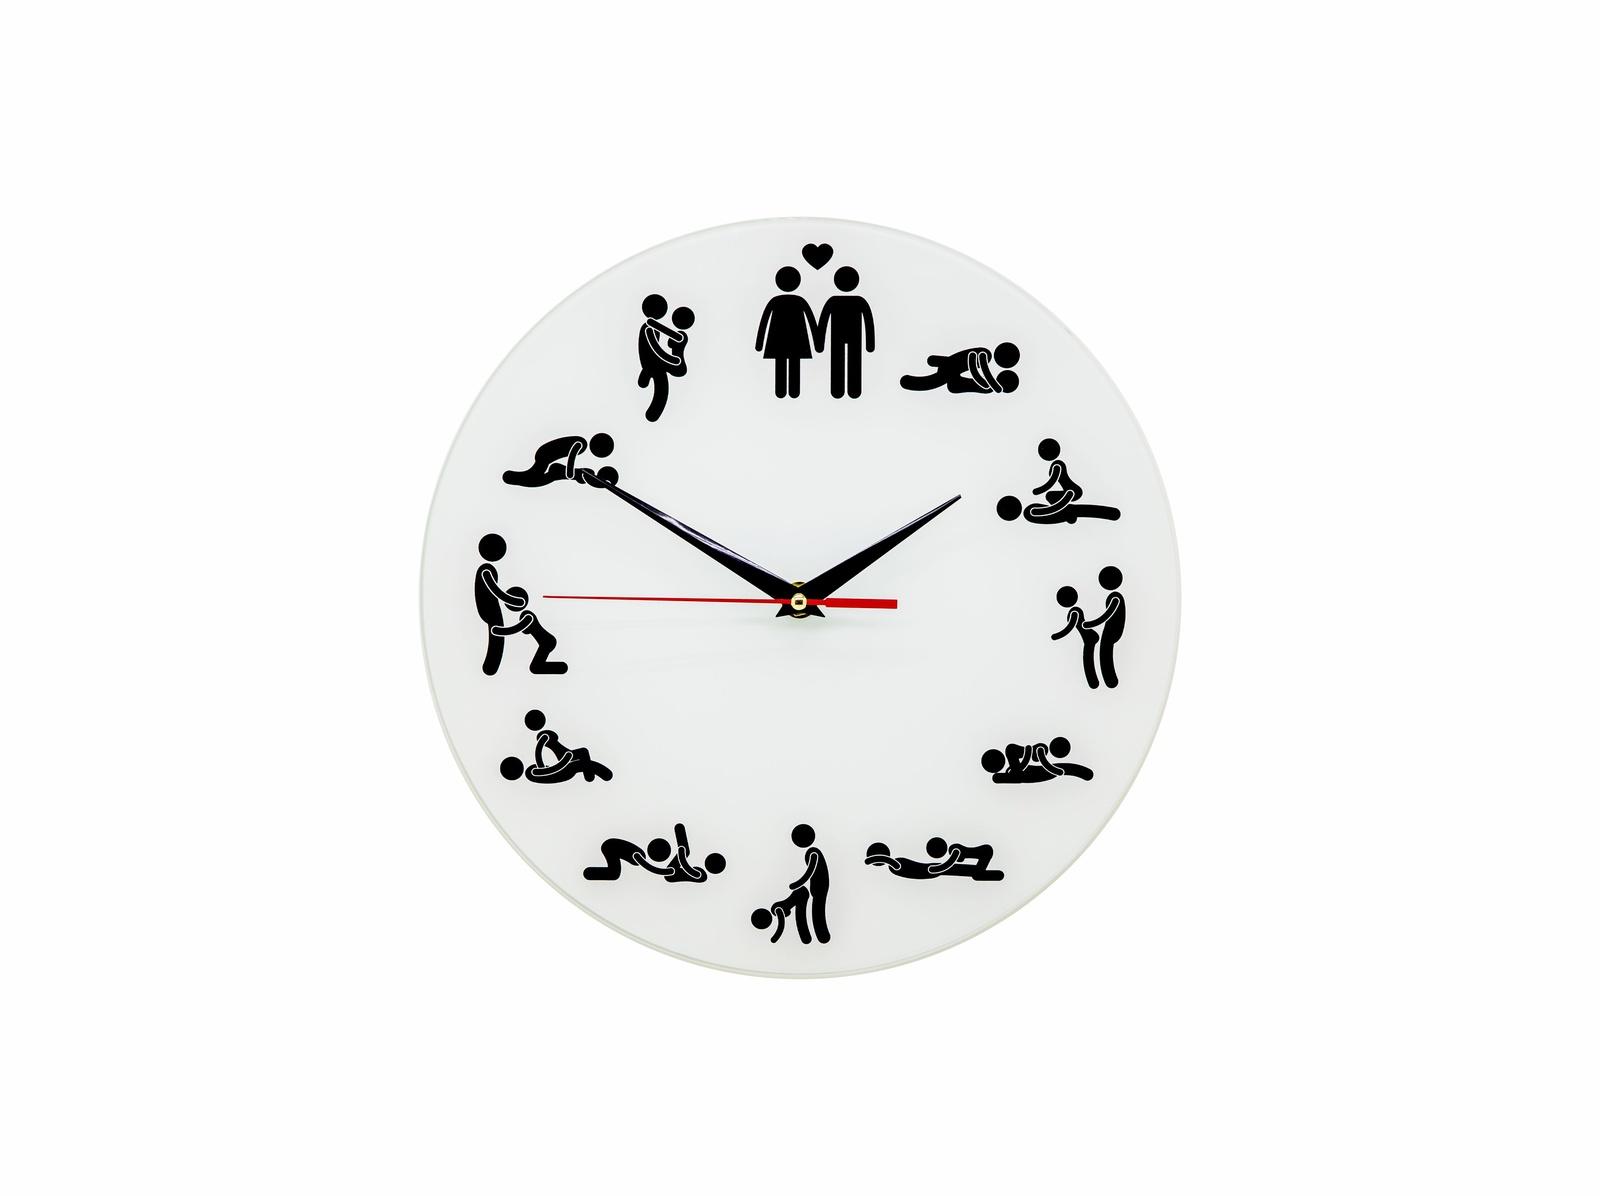 Картинка часов с позами